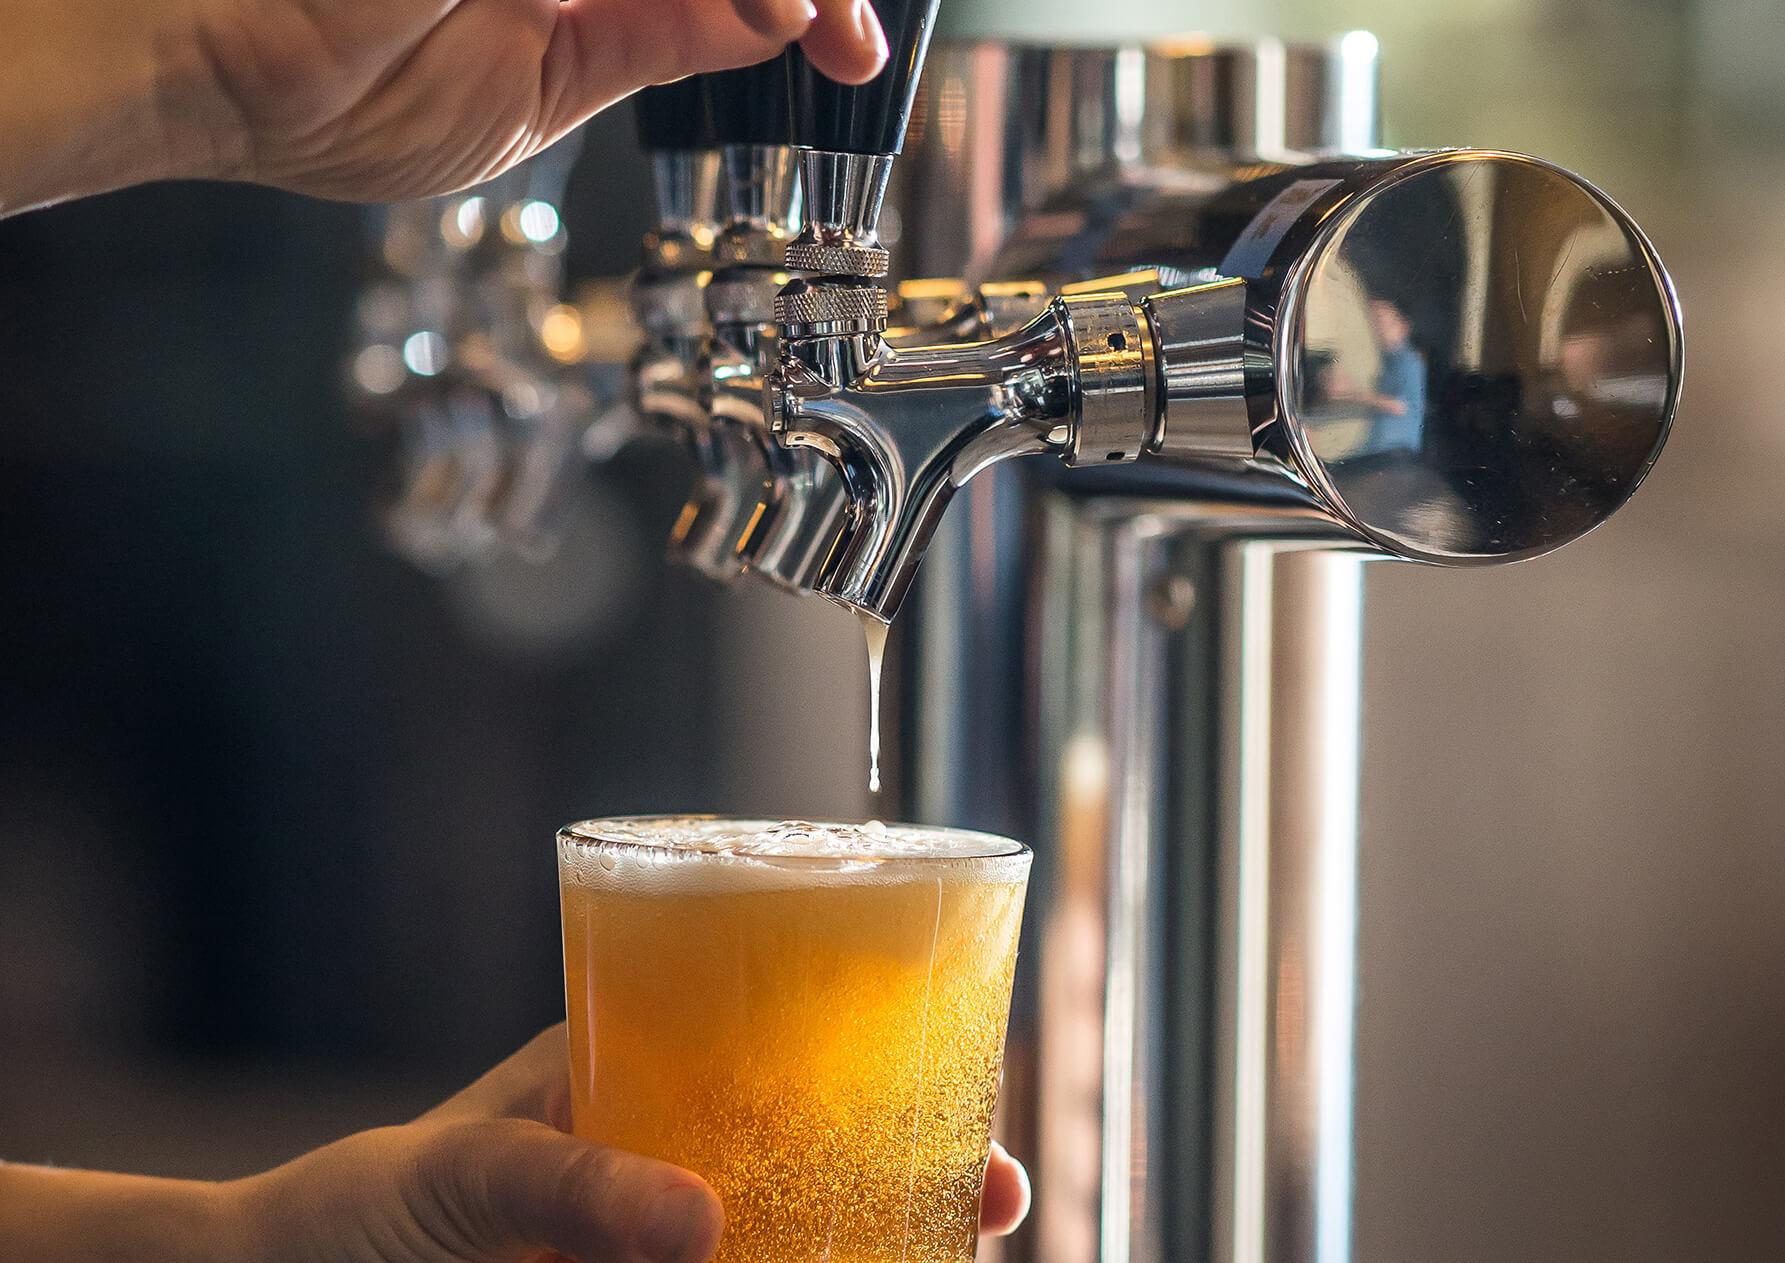 Ospaen Servis montaje de grifos de cerveza